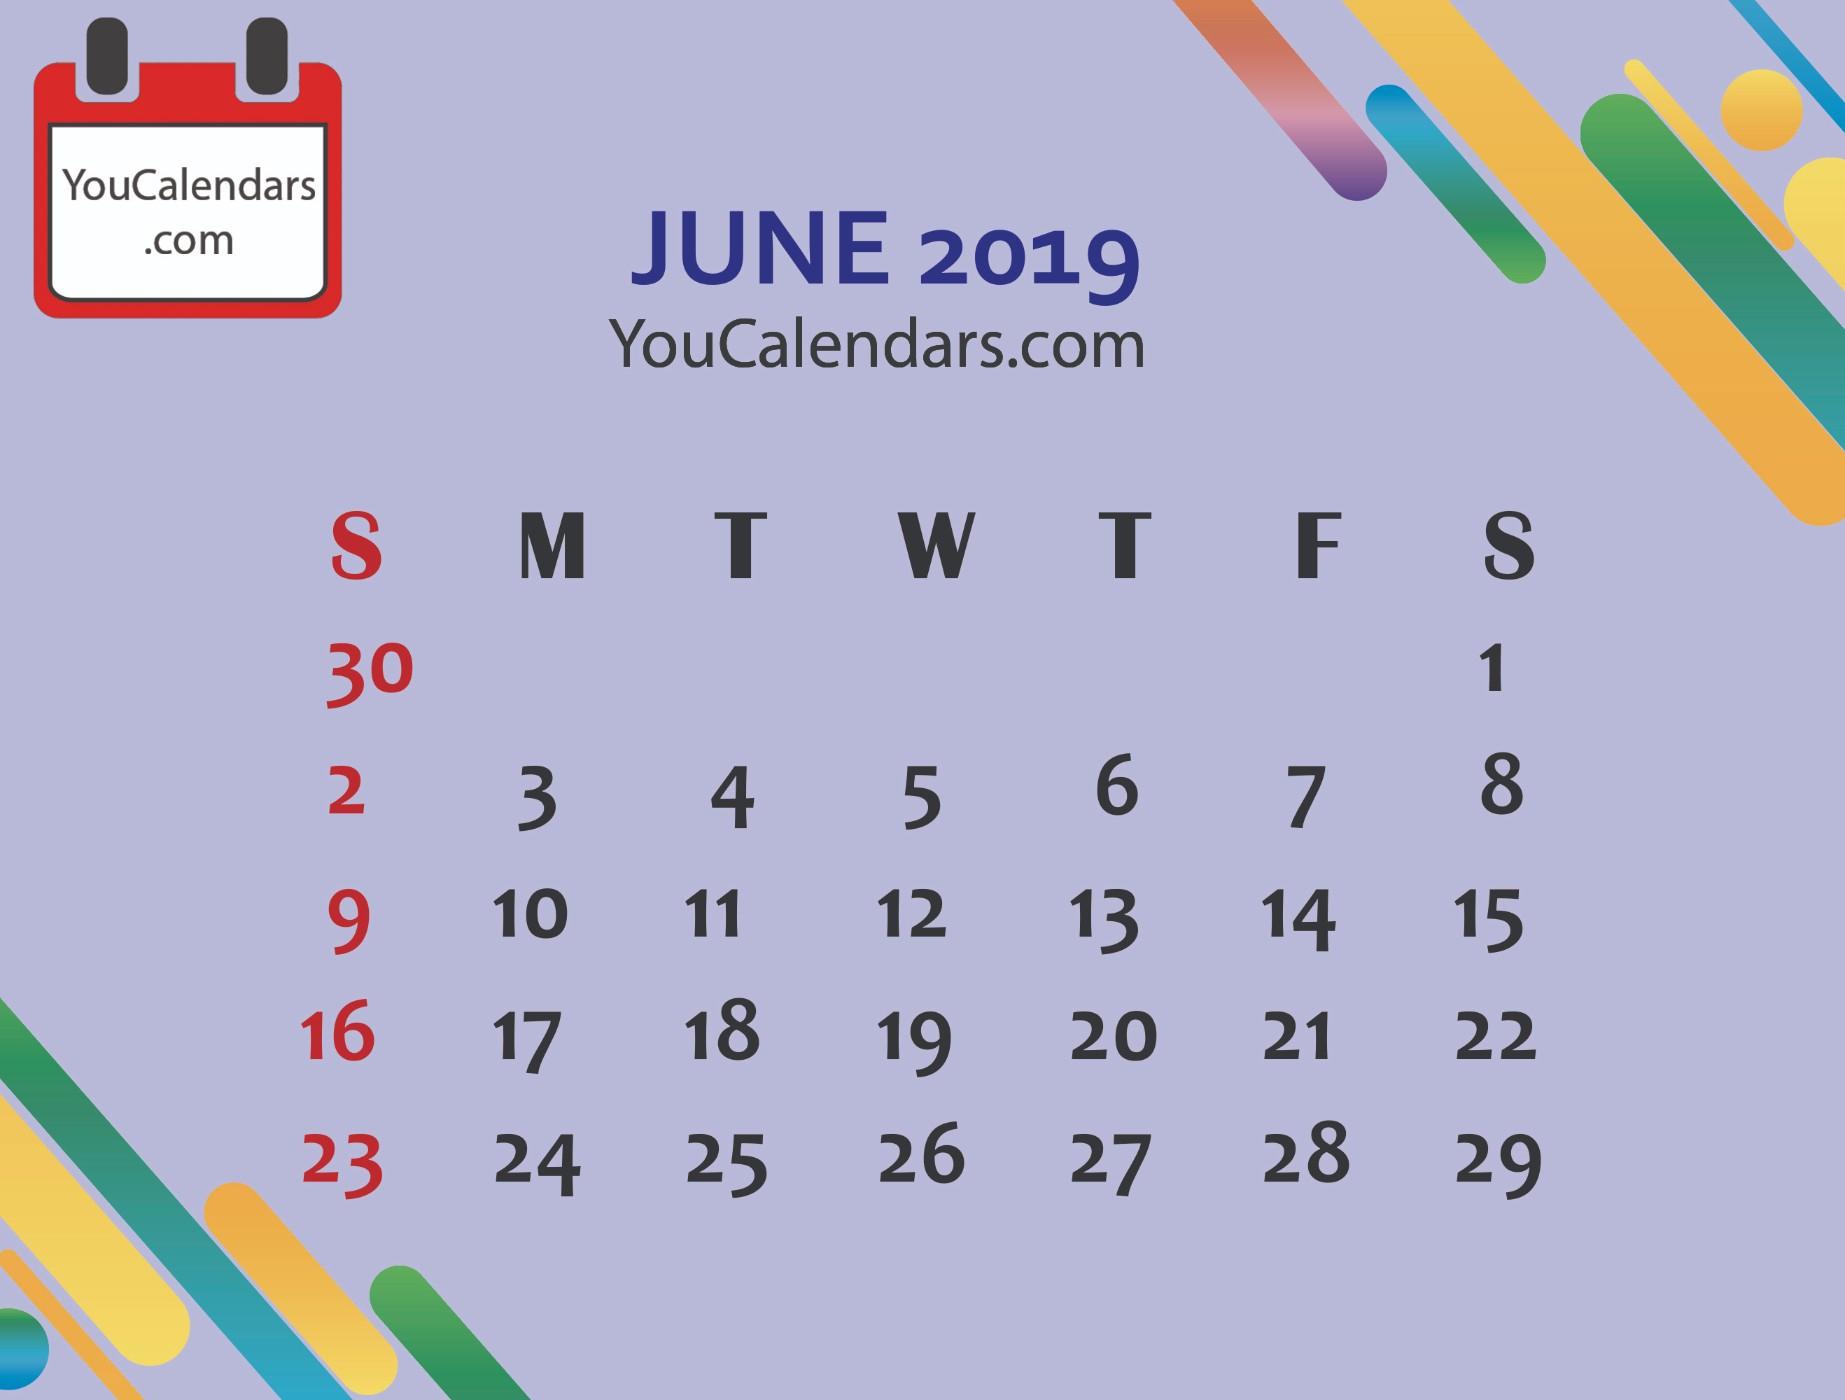 ✅Download June Calendar Printable Template Blank June 2019 Calendar within June Calendar Printable Template